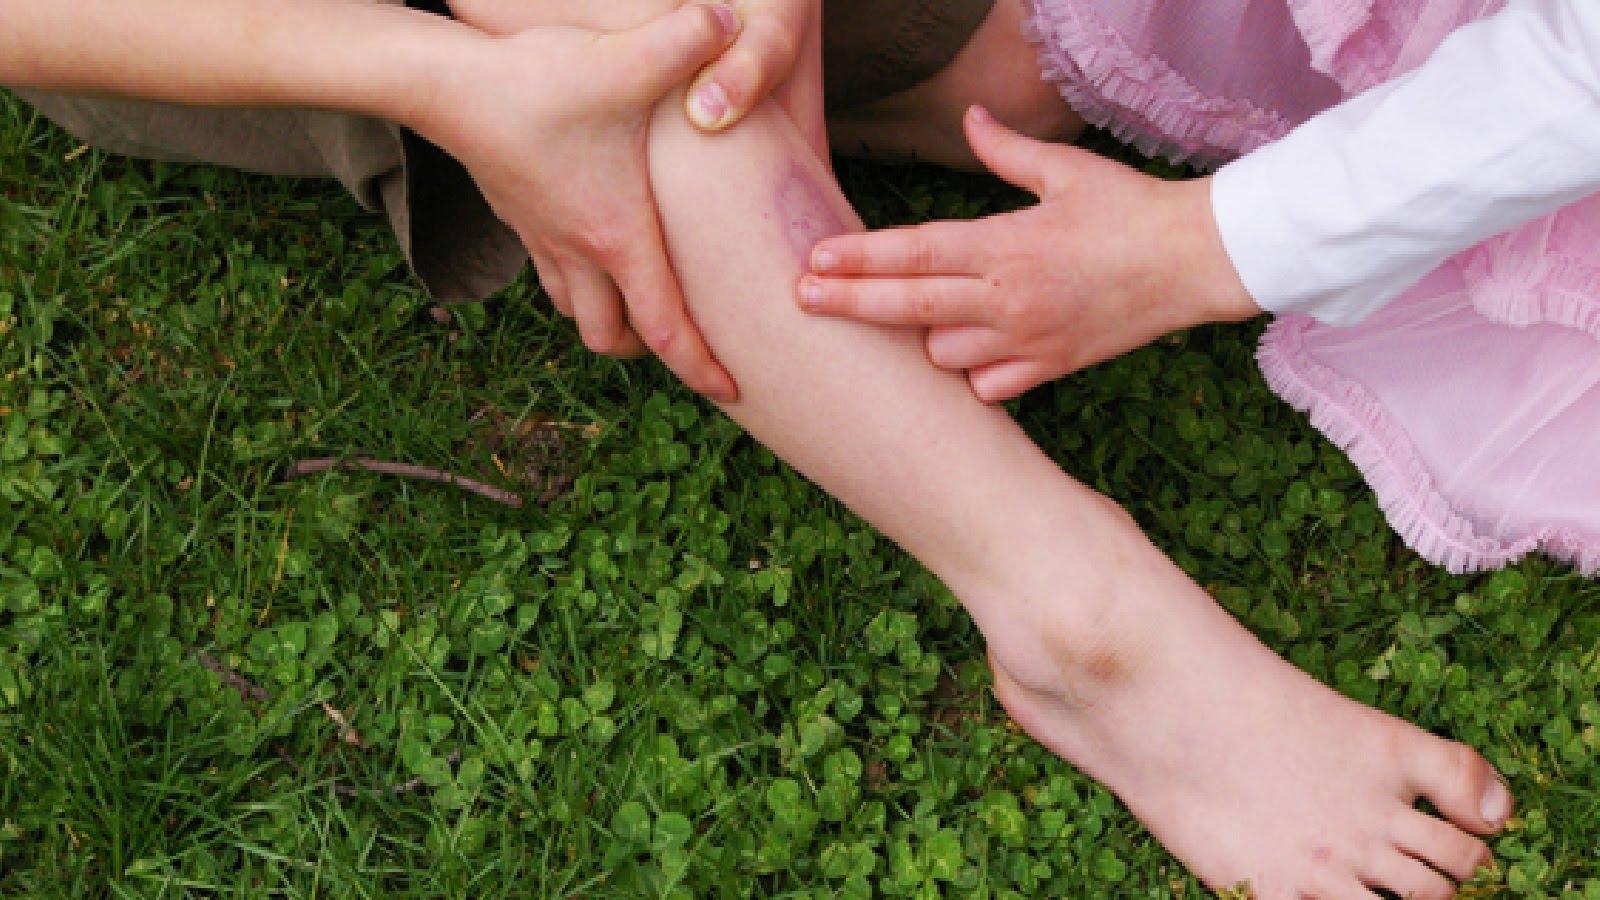 Ушиб костей и мягких тканей голени при падении лечение в домашних условиях народными средствами